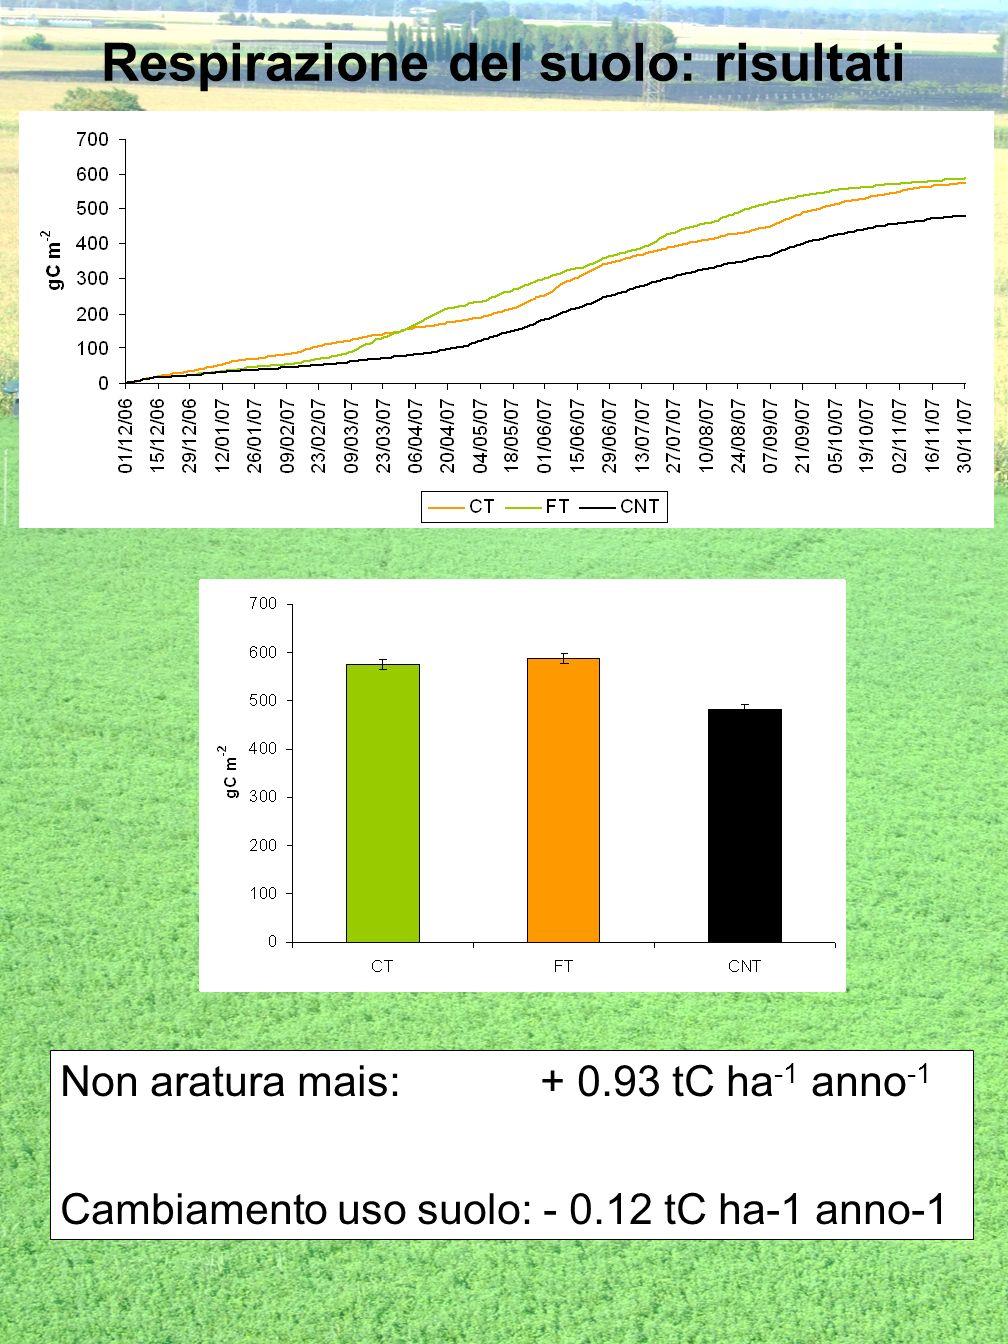 Respirazione del suolo: risultati Non aratura mais: + 0.93 tC ha -1 anno -1 Cambiamento uso suolo: - 0.12 tC ha-1 anno-1